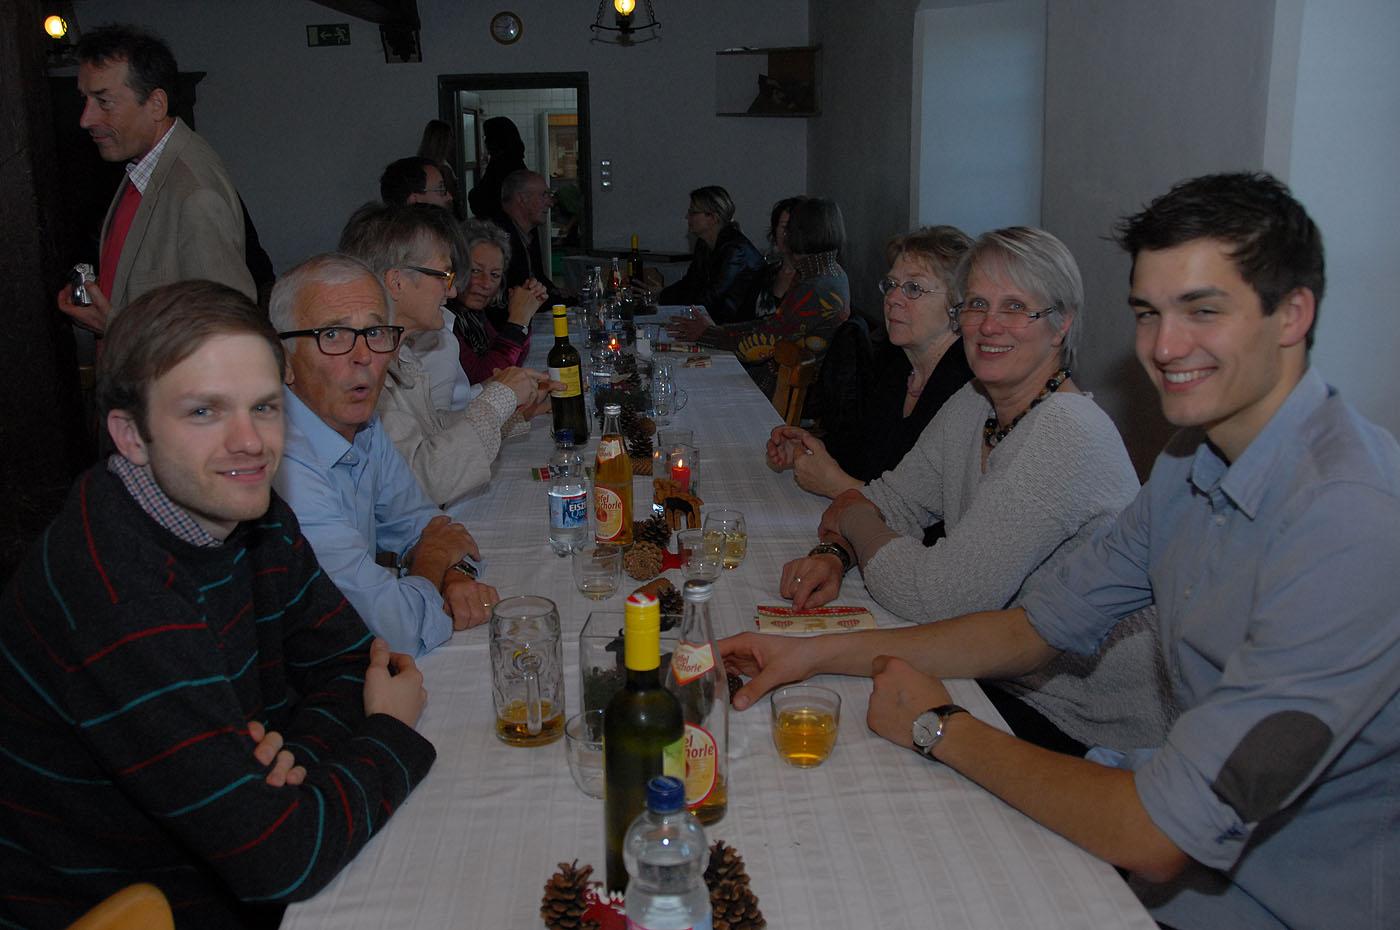 Familientag_23.11.14-Einsiedel_Foto bräu_114